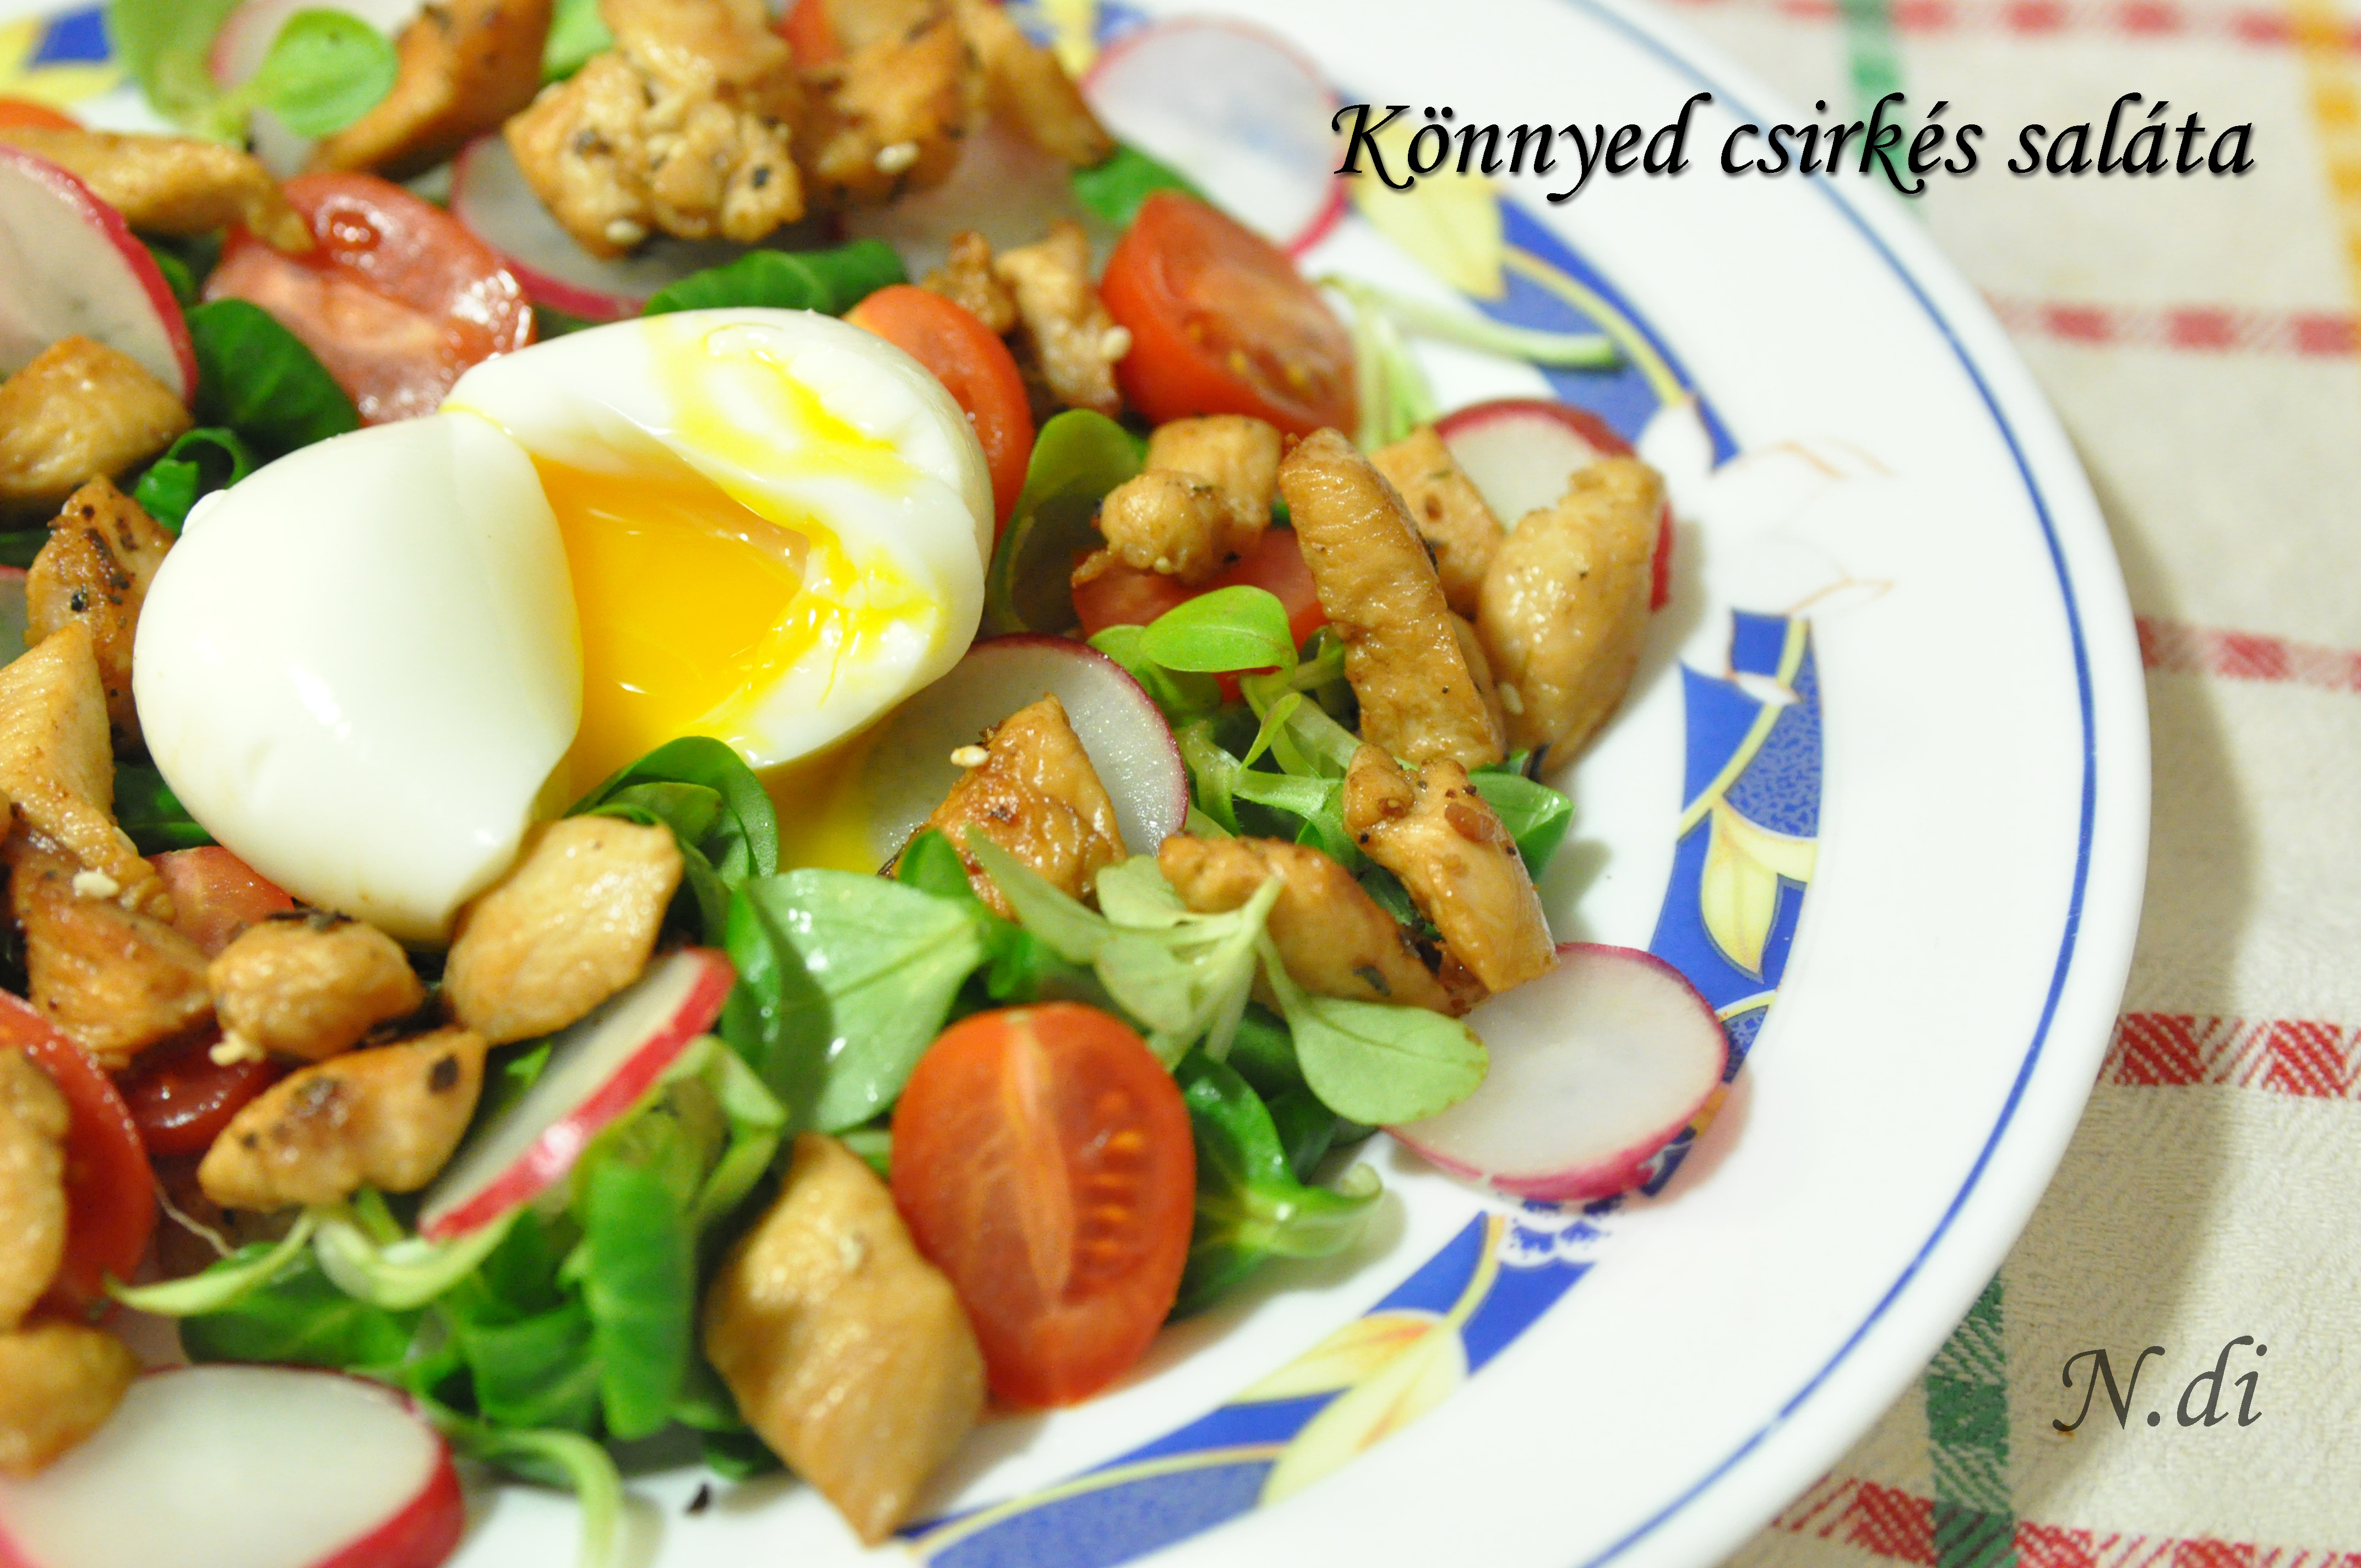 Könnyed csirkés saláta, nyári napokra